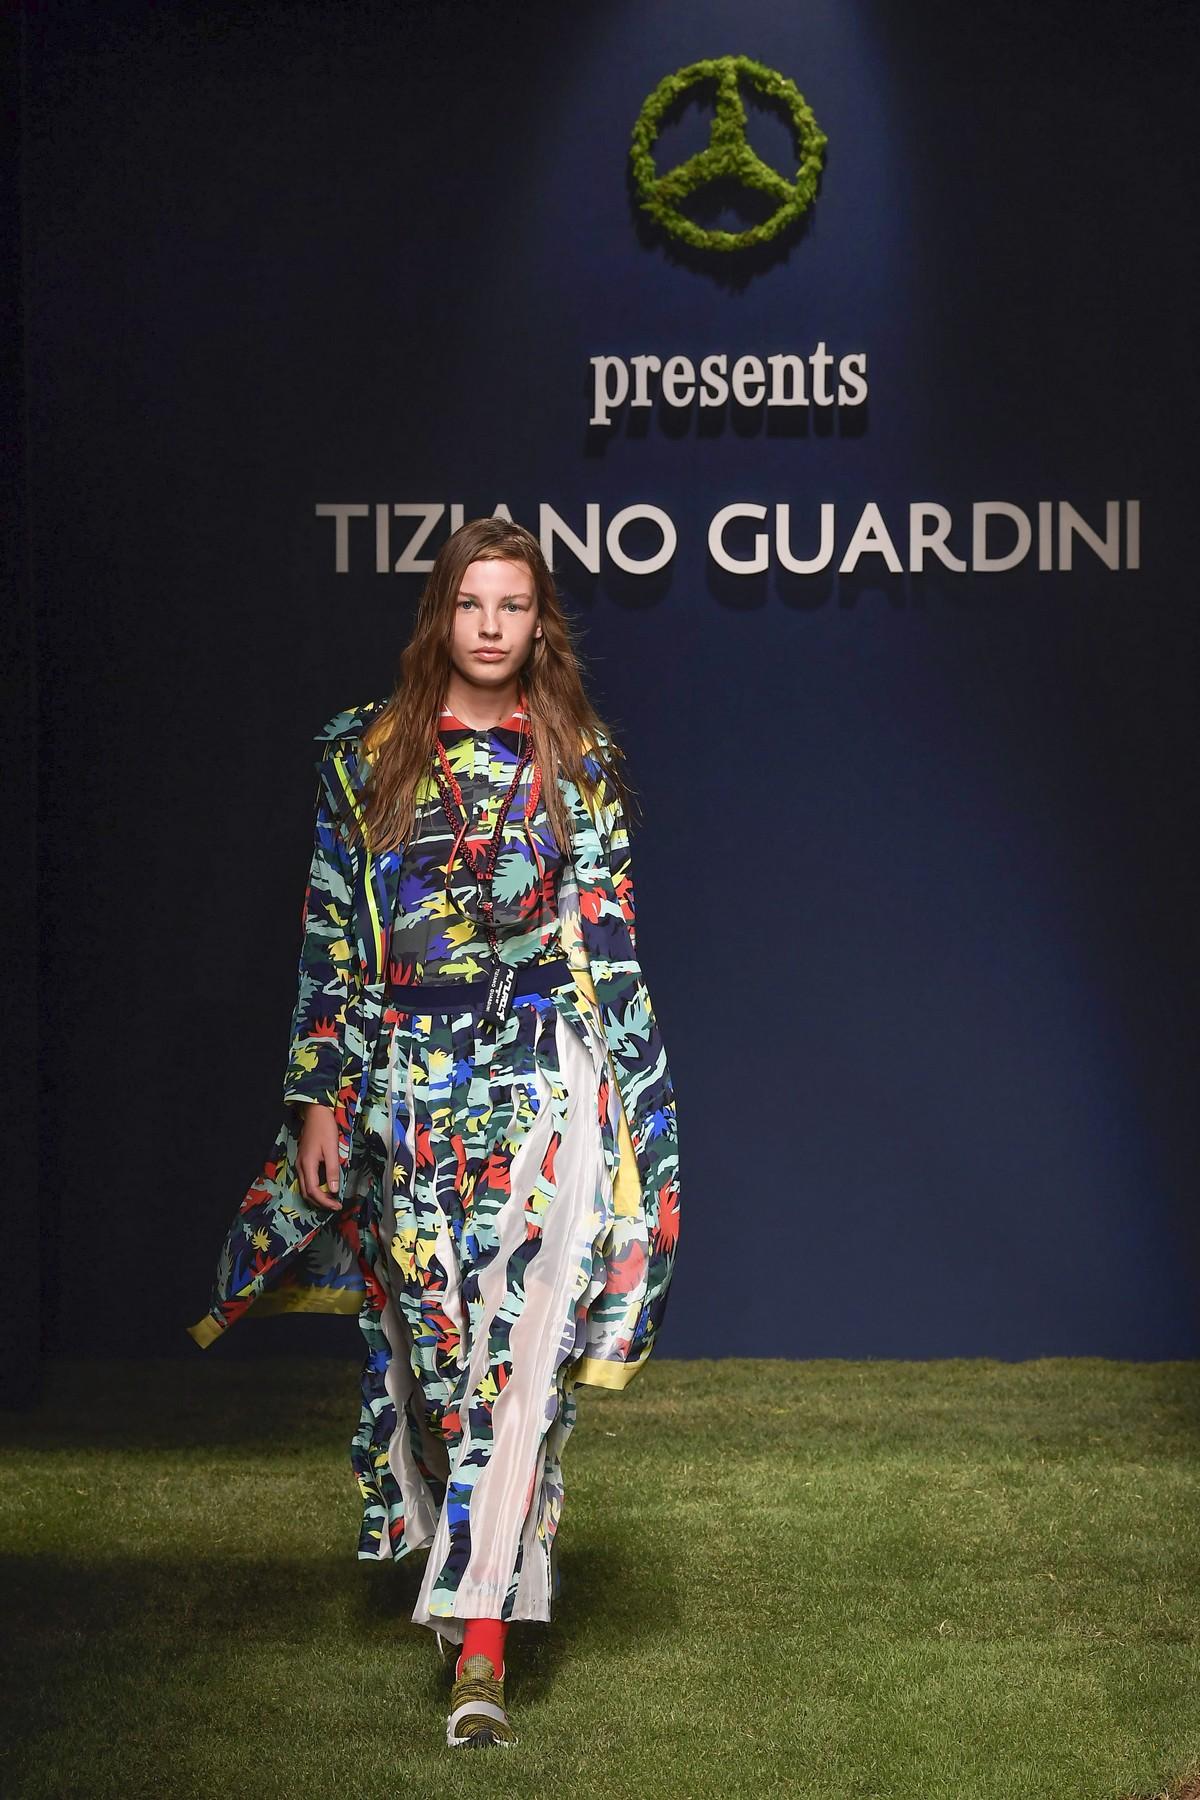 Tiziano Guardini primavera estate 2019